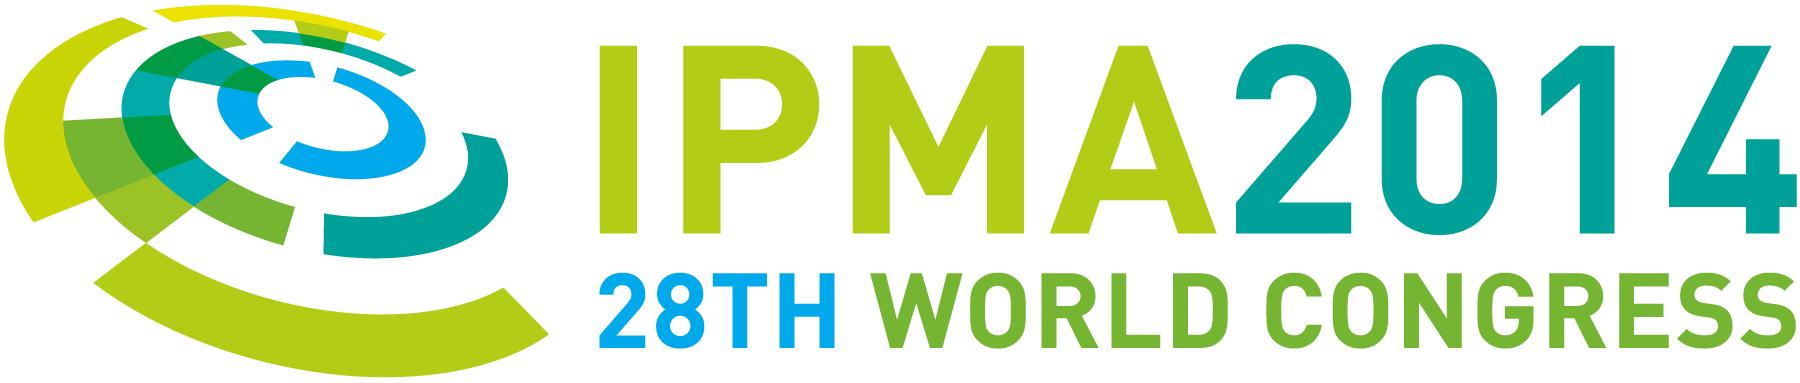 IPMA2014_nl